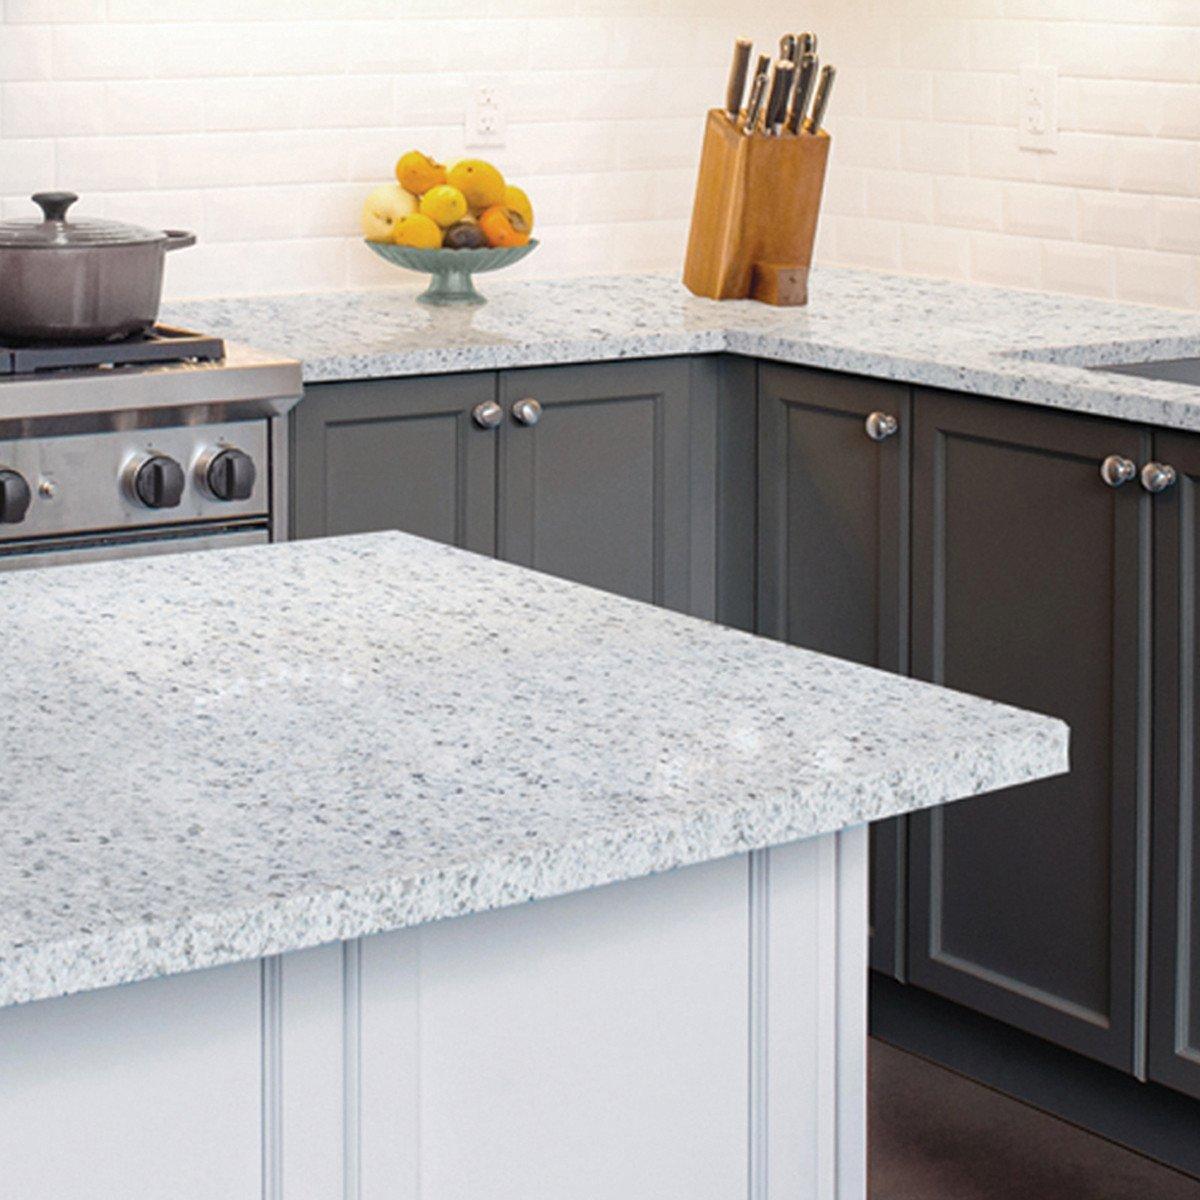 Giani Countertop Paint Kit, White Diamond - - Amazon.com